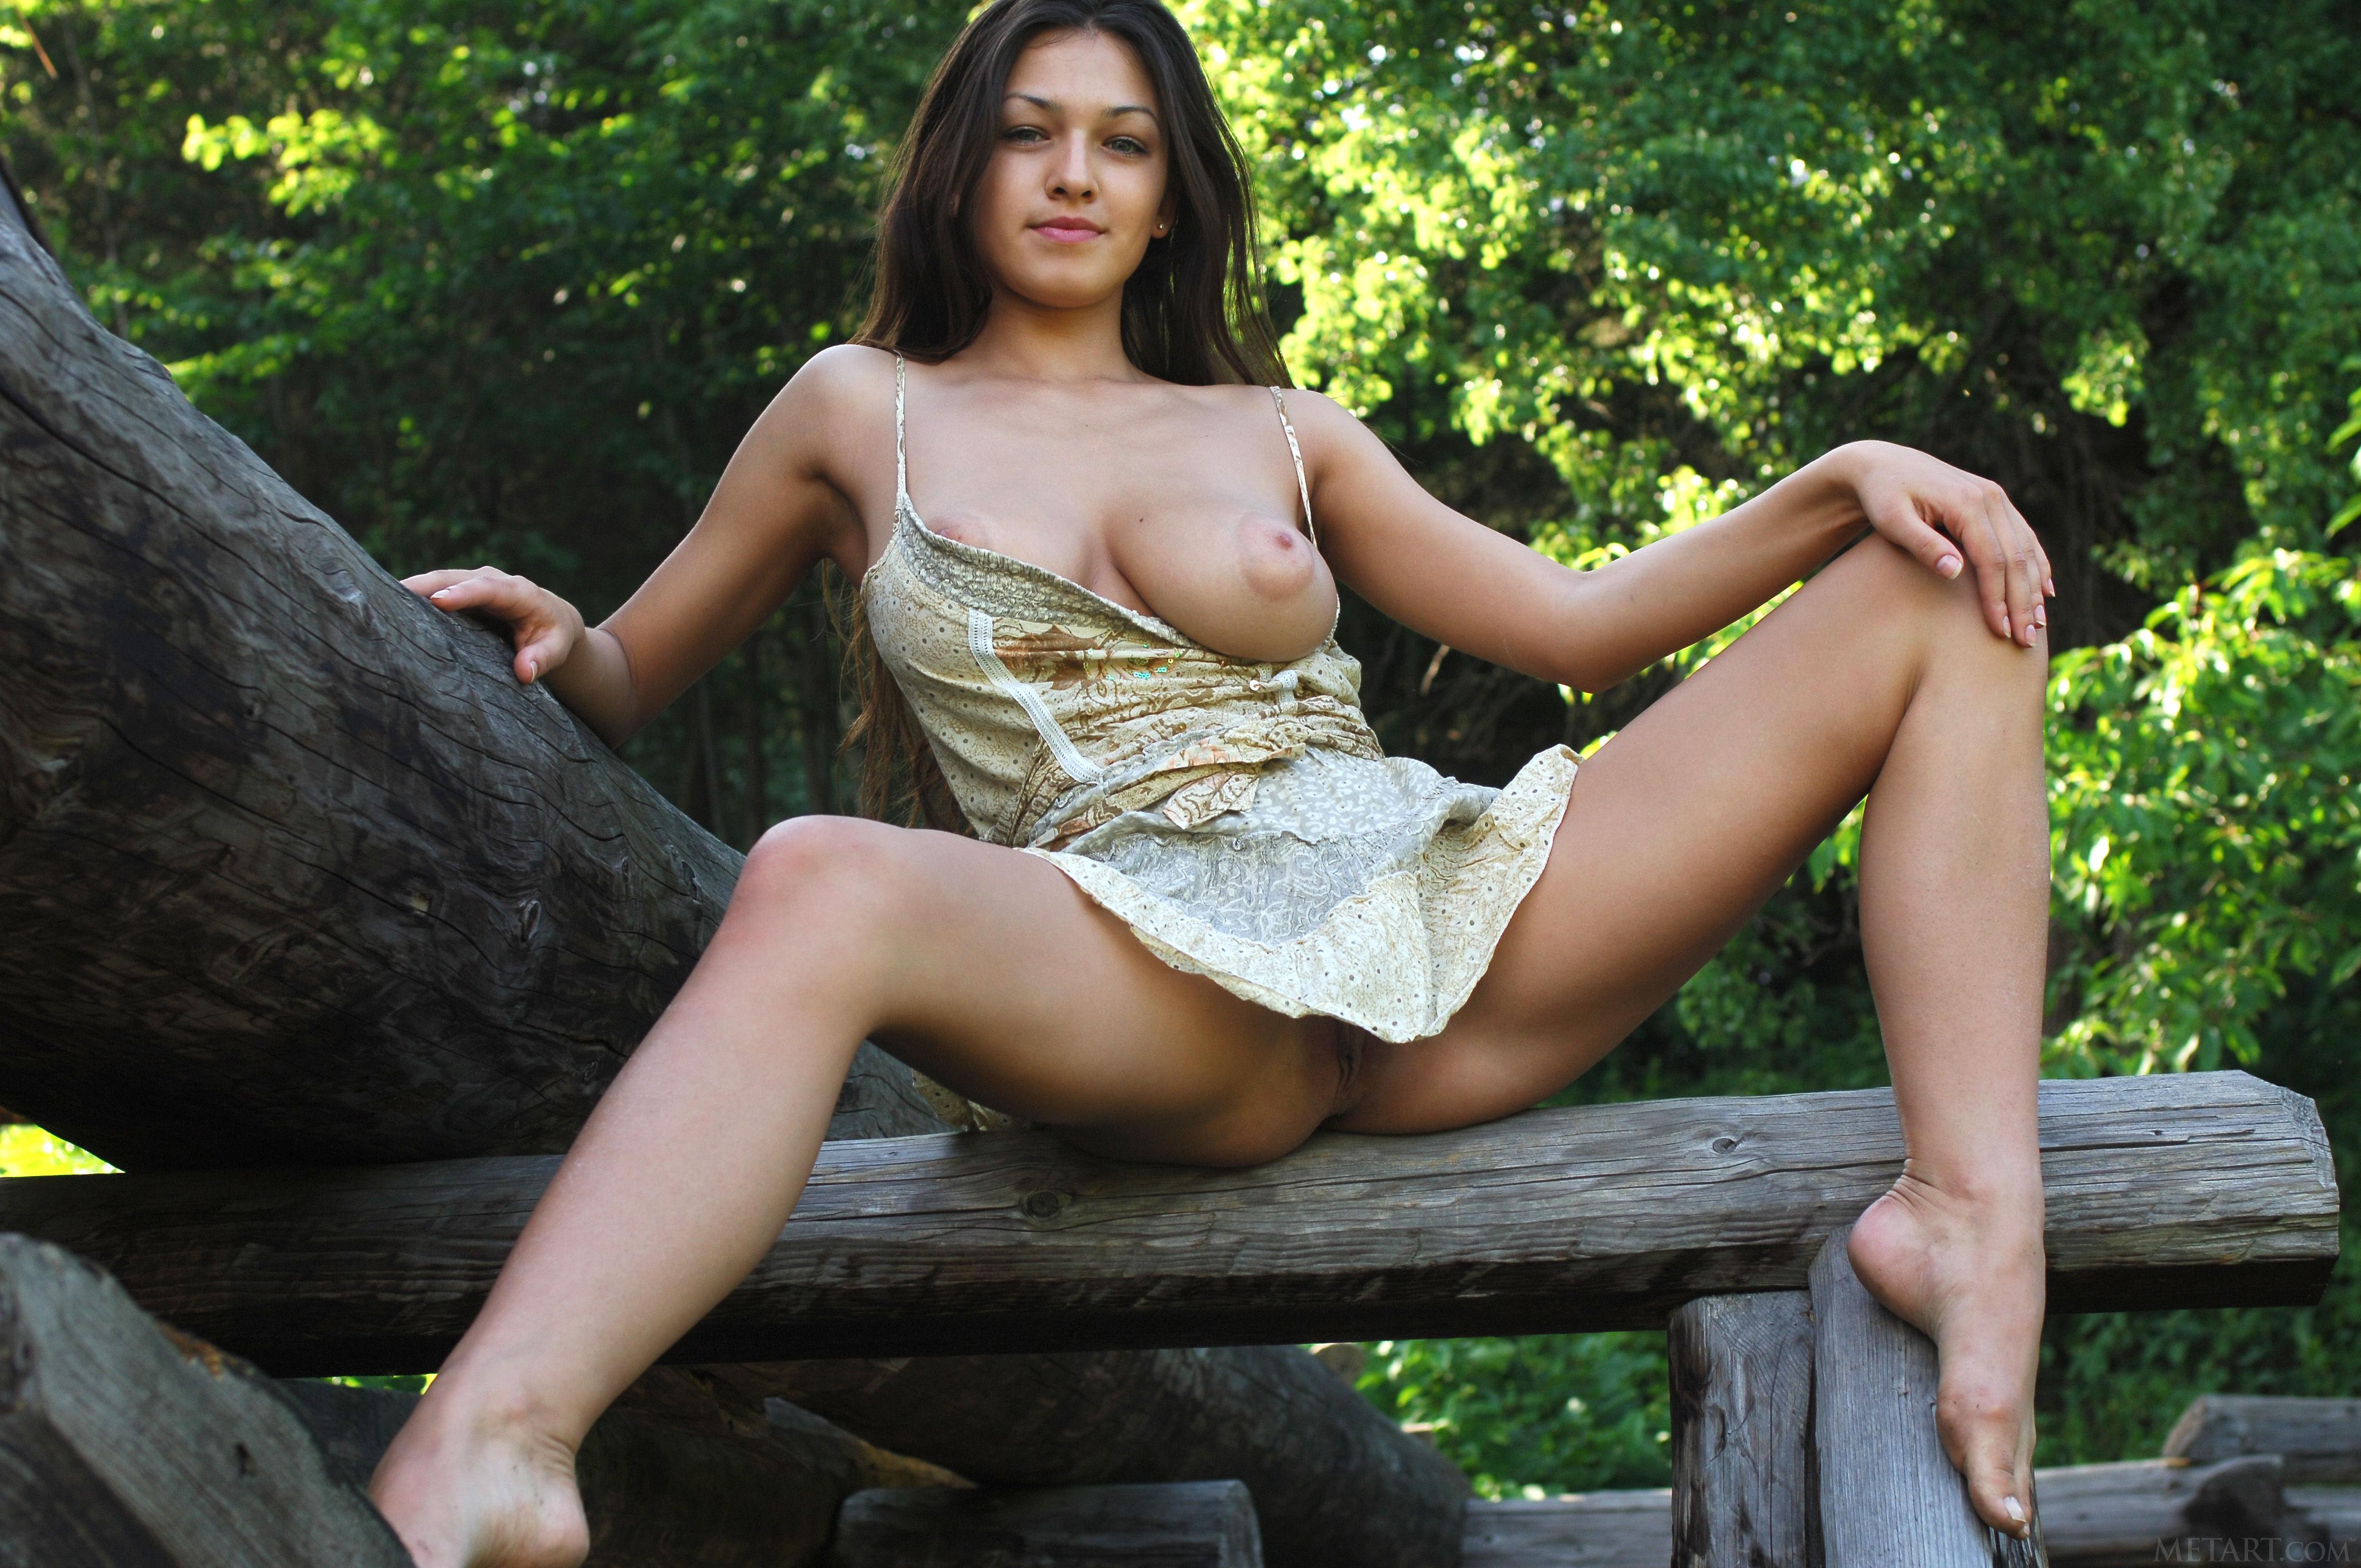 Сарафан порно рассказы, Красный сарафан порно истории, секс рассказы 24 фотография